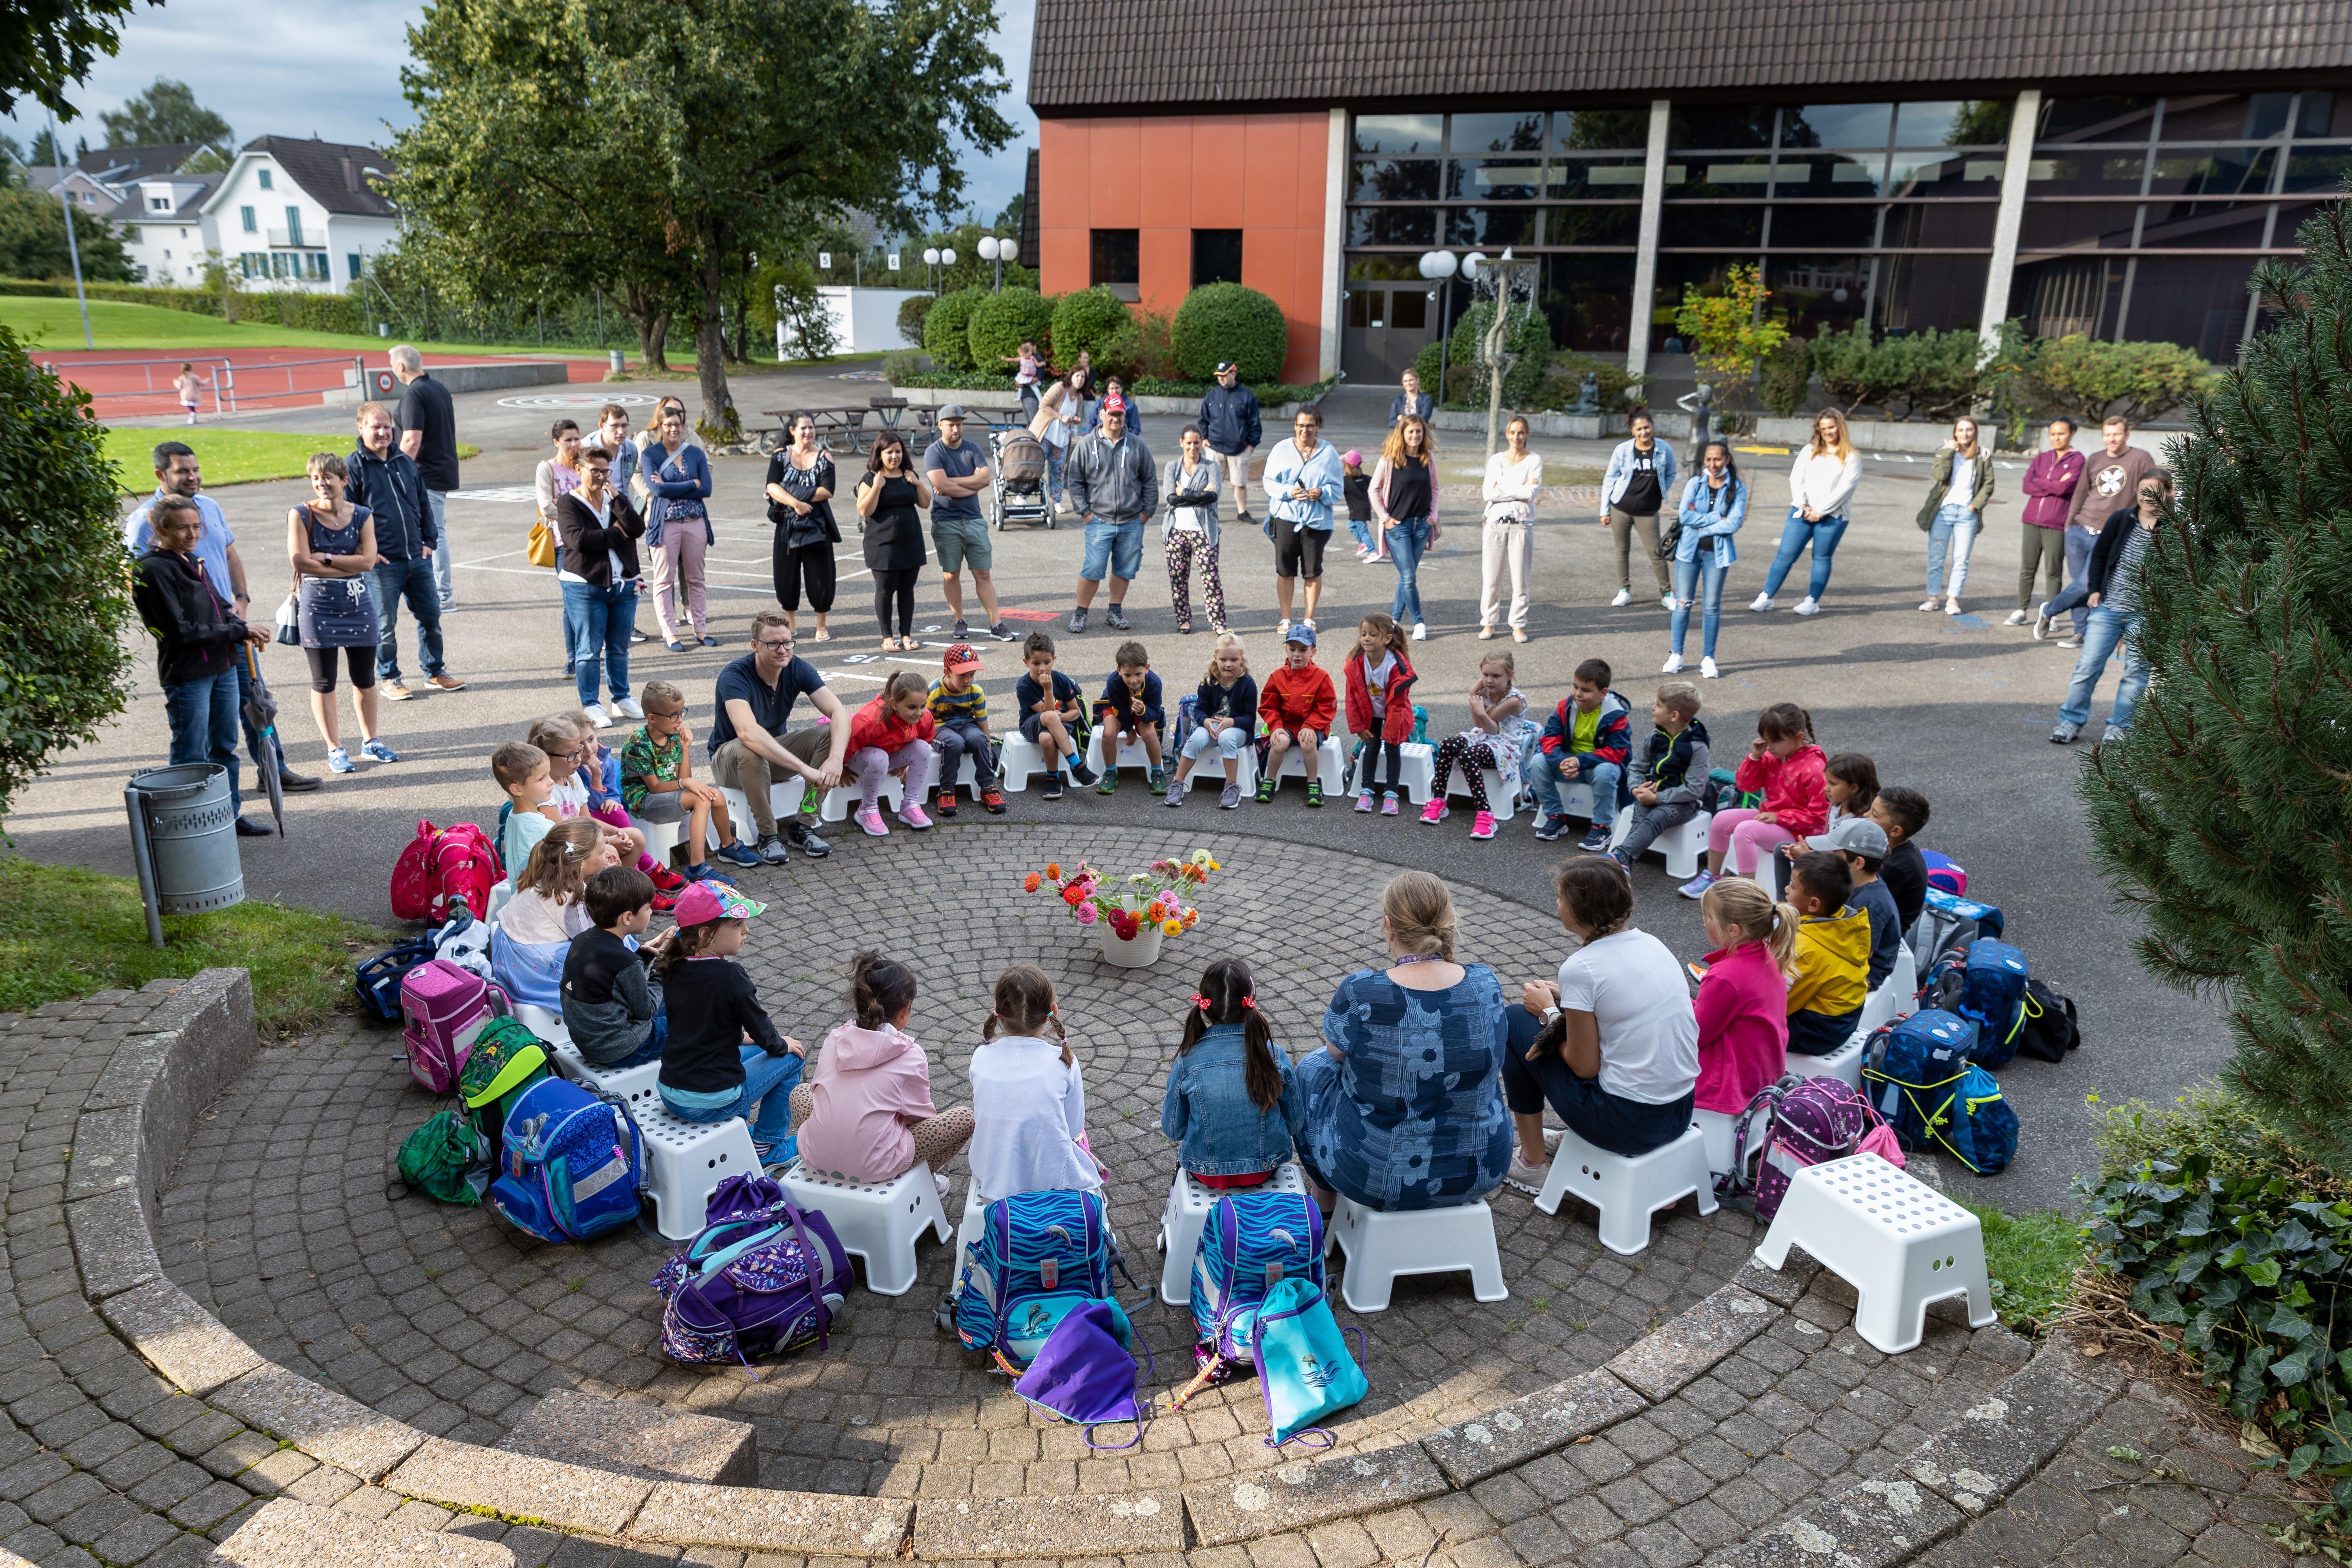 16.08.2021 - Schulbeginn in Gunzgen. 26 neue Erstklässler bei Klassenlehrerin Lena Kröplin.